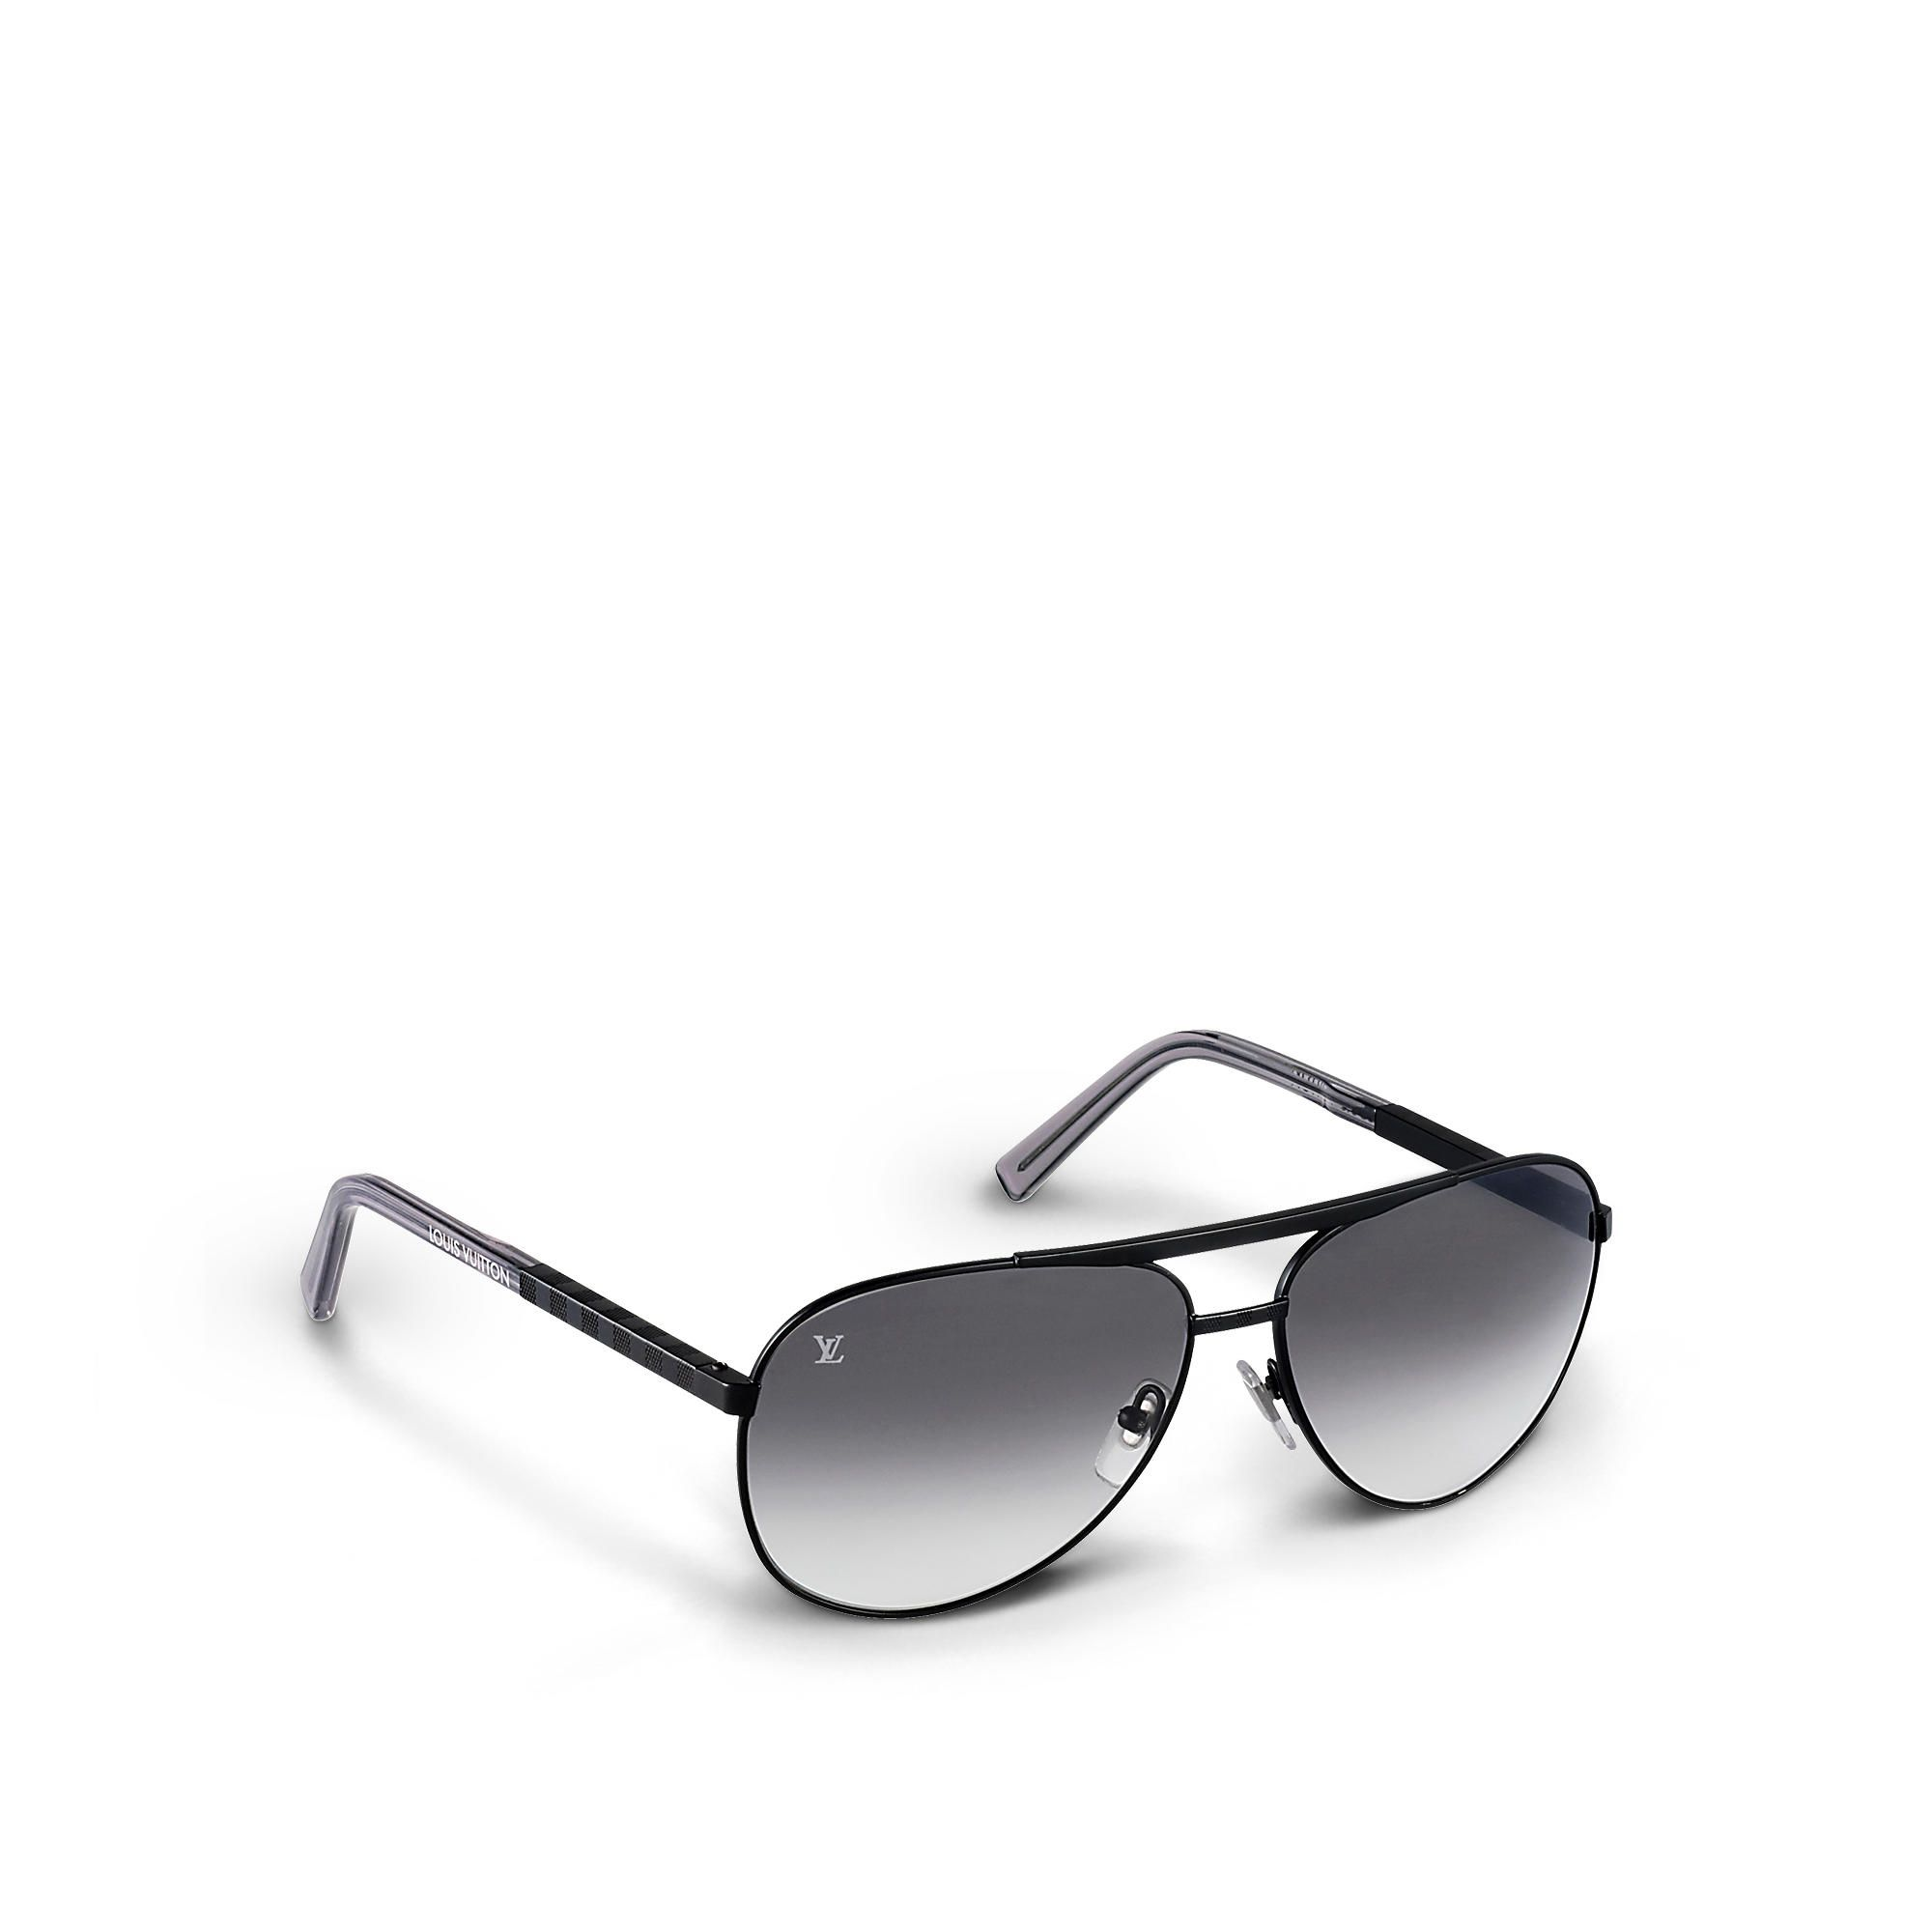 Verwonderend Attitude Pilote Sunglasses | Men's Sunglasses | Mens sunglasses DY-02